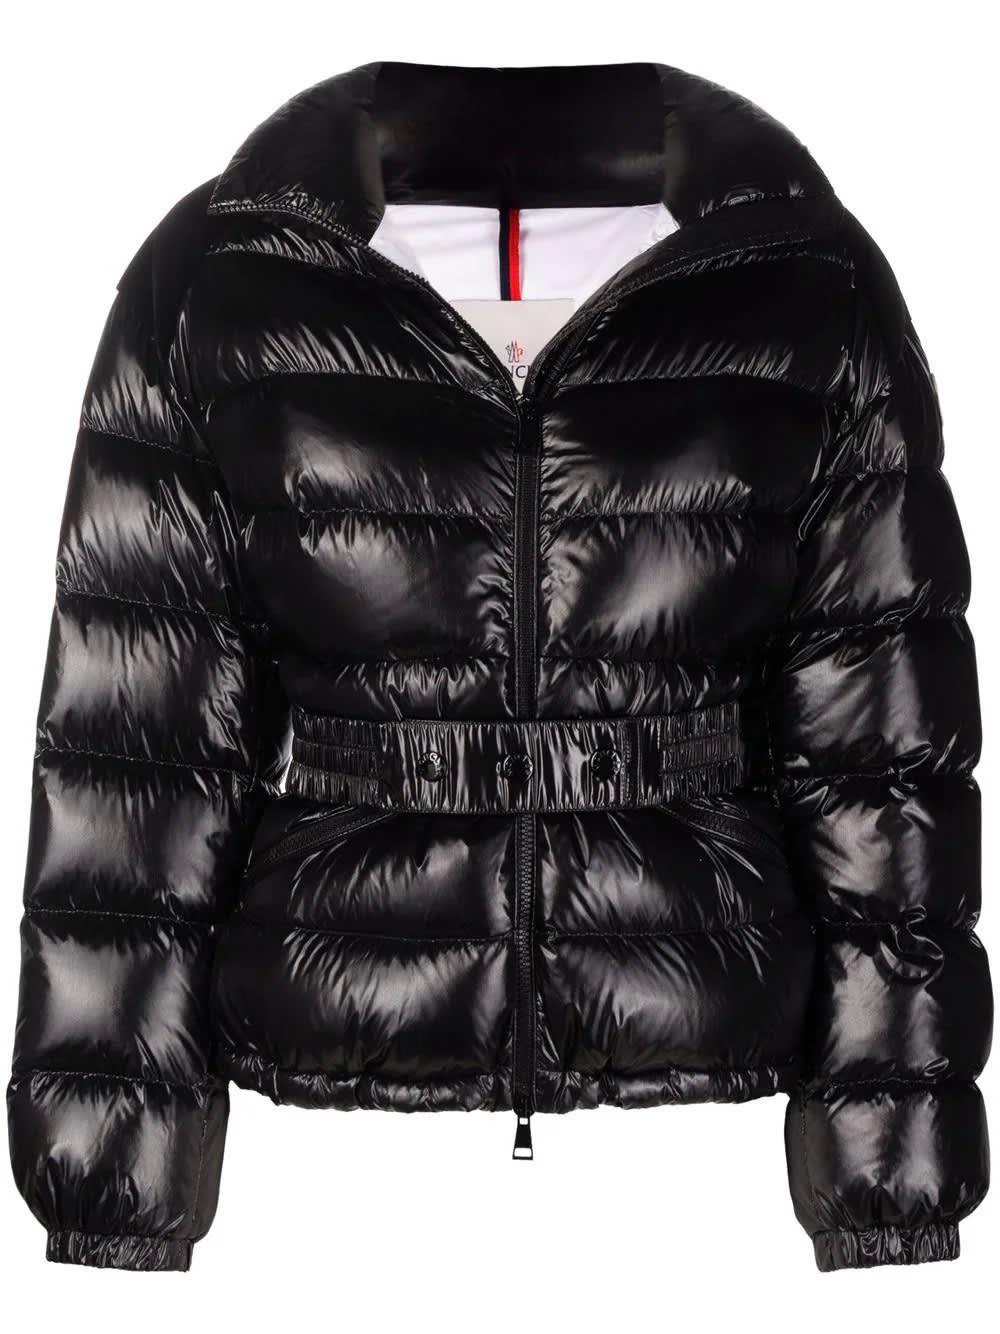 Moncler Woman Black Celepine Down Jacket